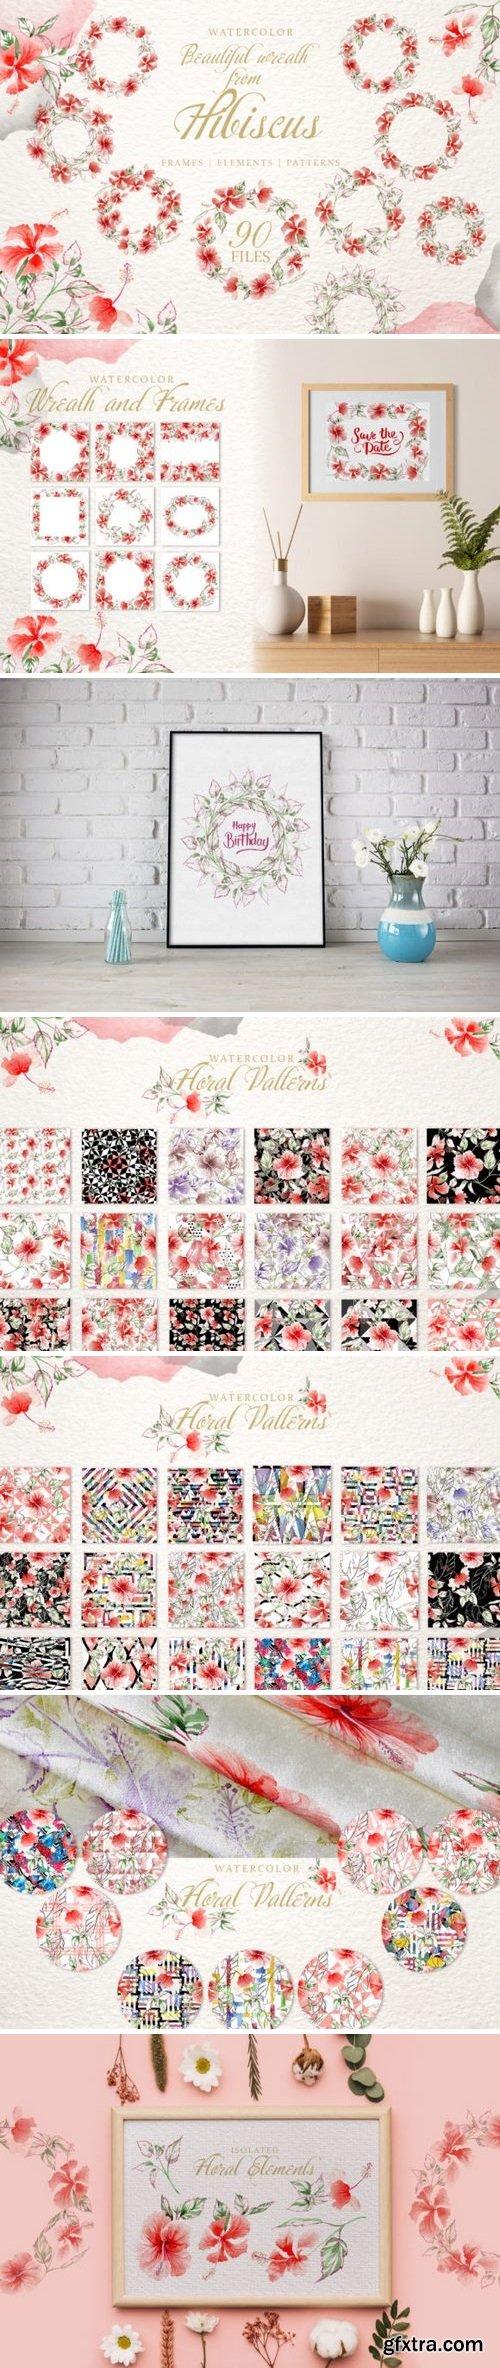 CM - Hibiscus Watercolor png 3358061